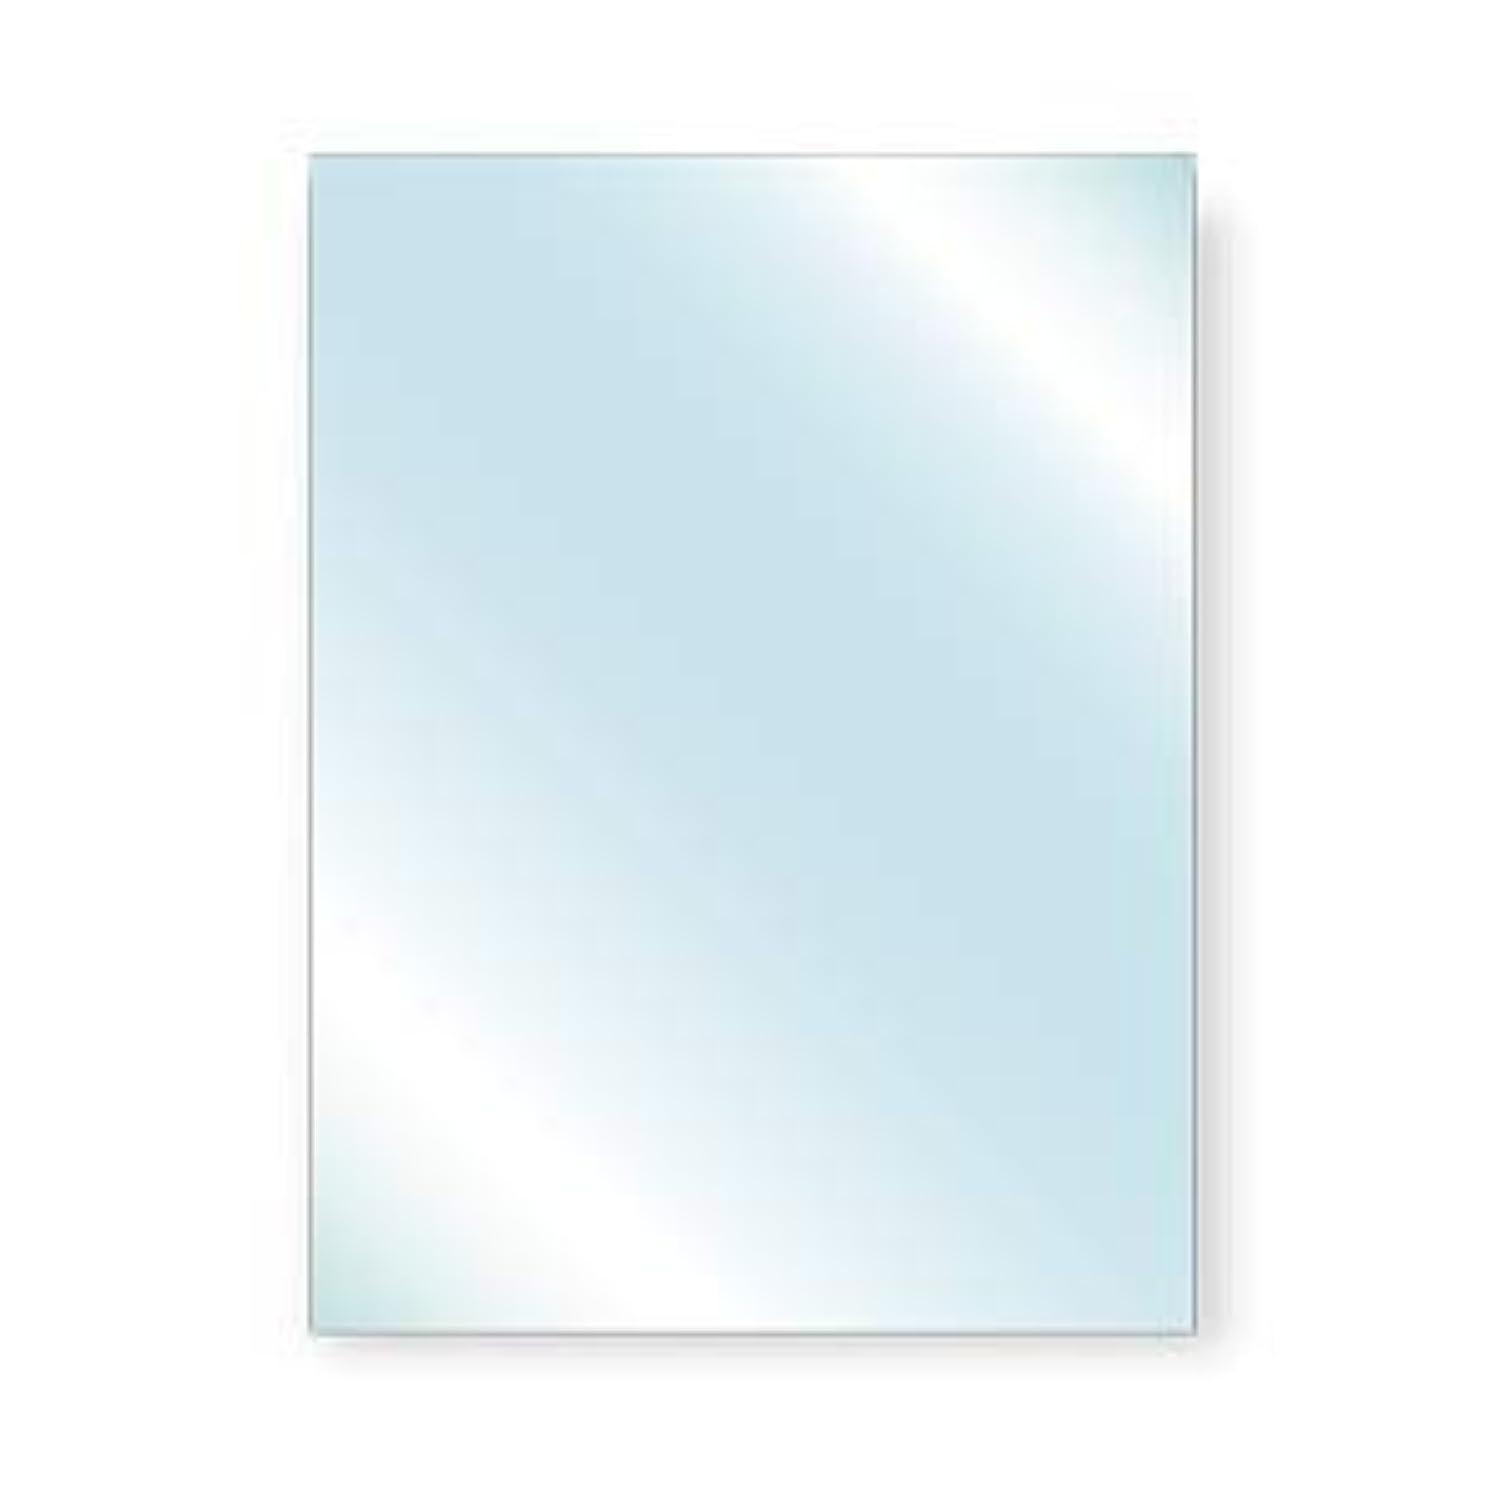 拘束シンク接触サイズオーダー対応可能 (600×600mm) 四角形 強化ガラス 厚み5mm 10サイズから選べる / 四角形ガラス 四角 強化 ガラス 硝子 ガラス板 板ガラス 硝子板 安全 DIY 素材 DIY用品